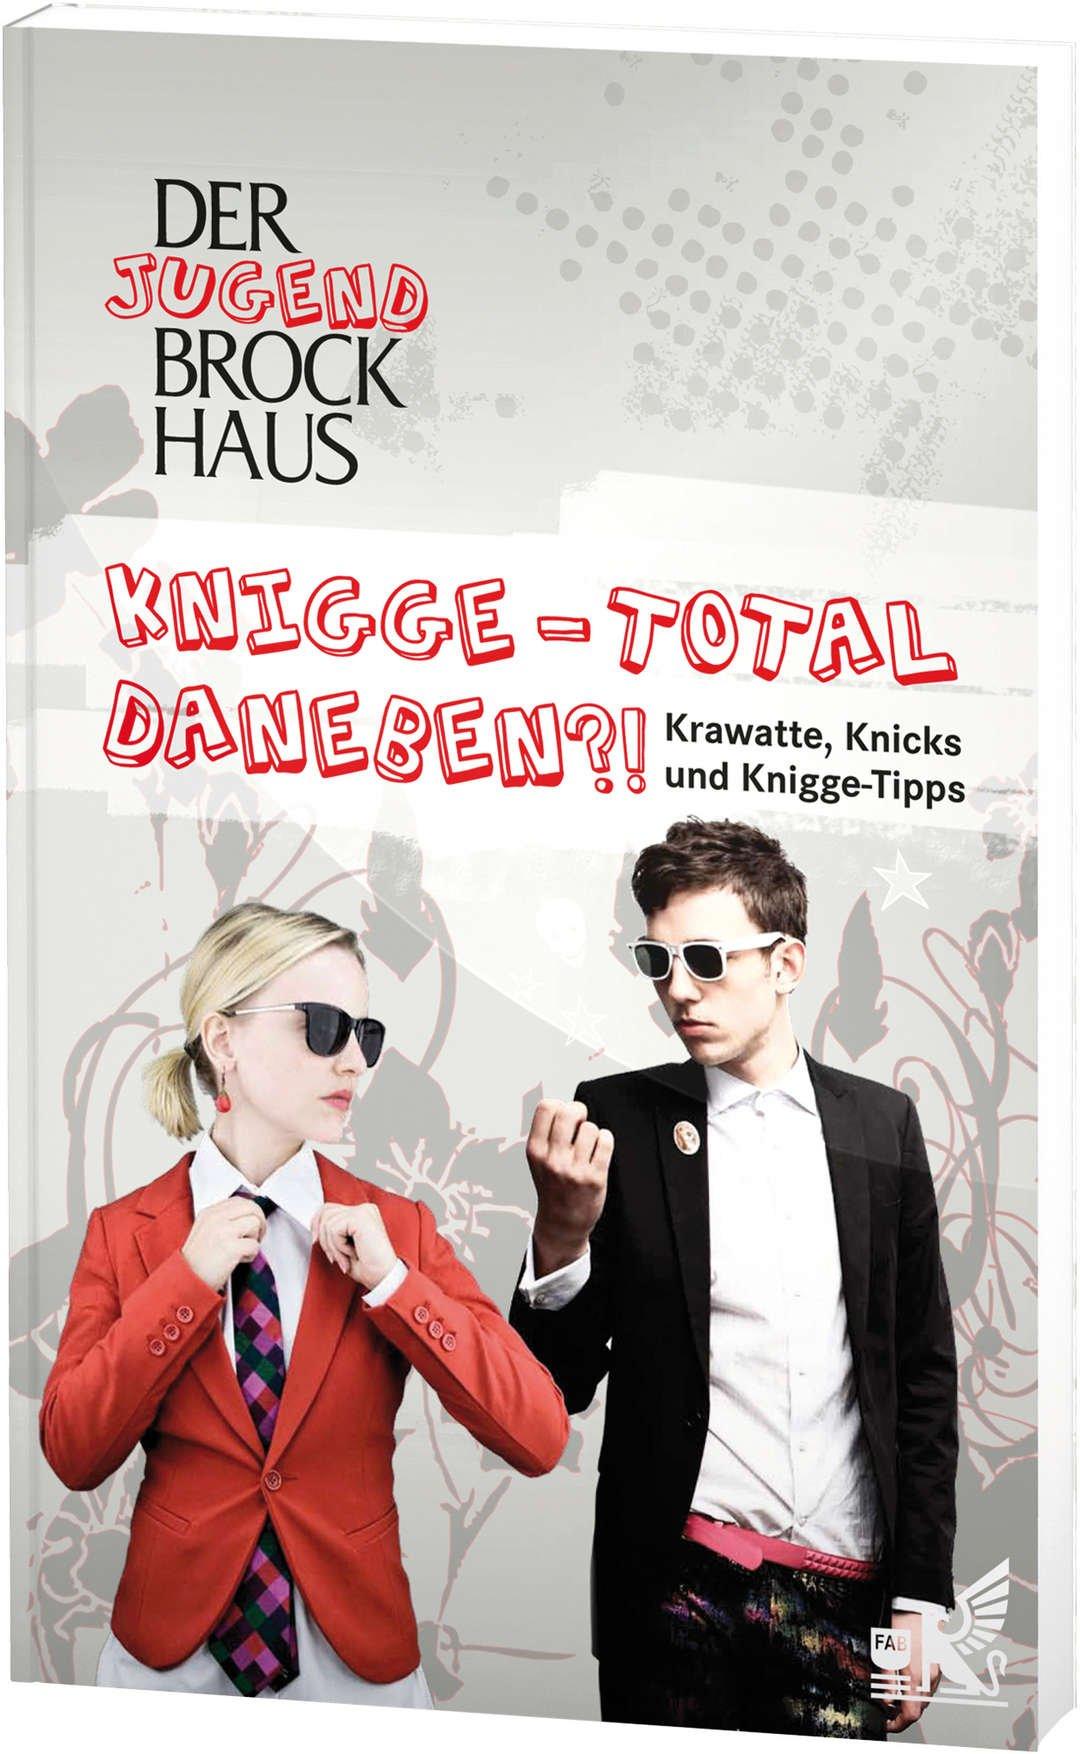 Der Jugend Brockhaus Knigge - Total daneben?!: Krawatte, Knicks und Knigge-Tipps